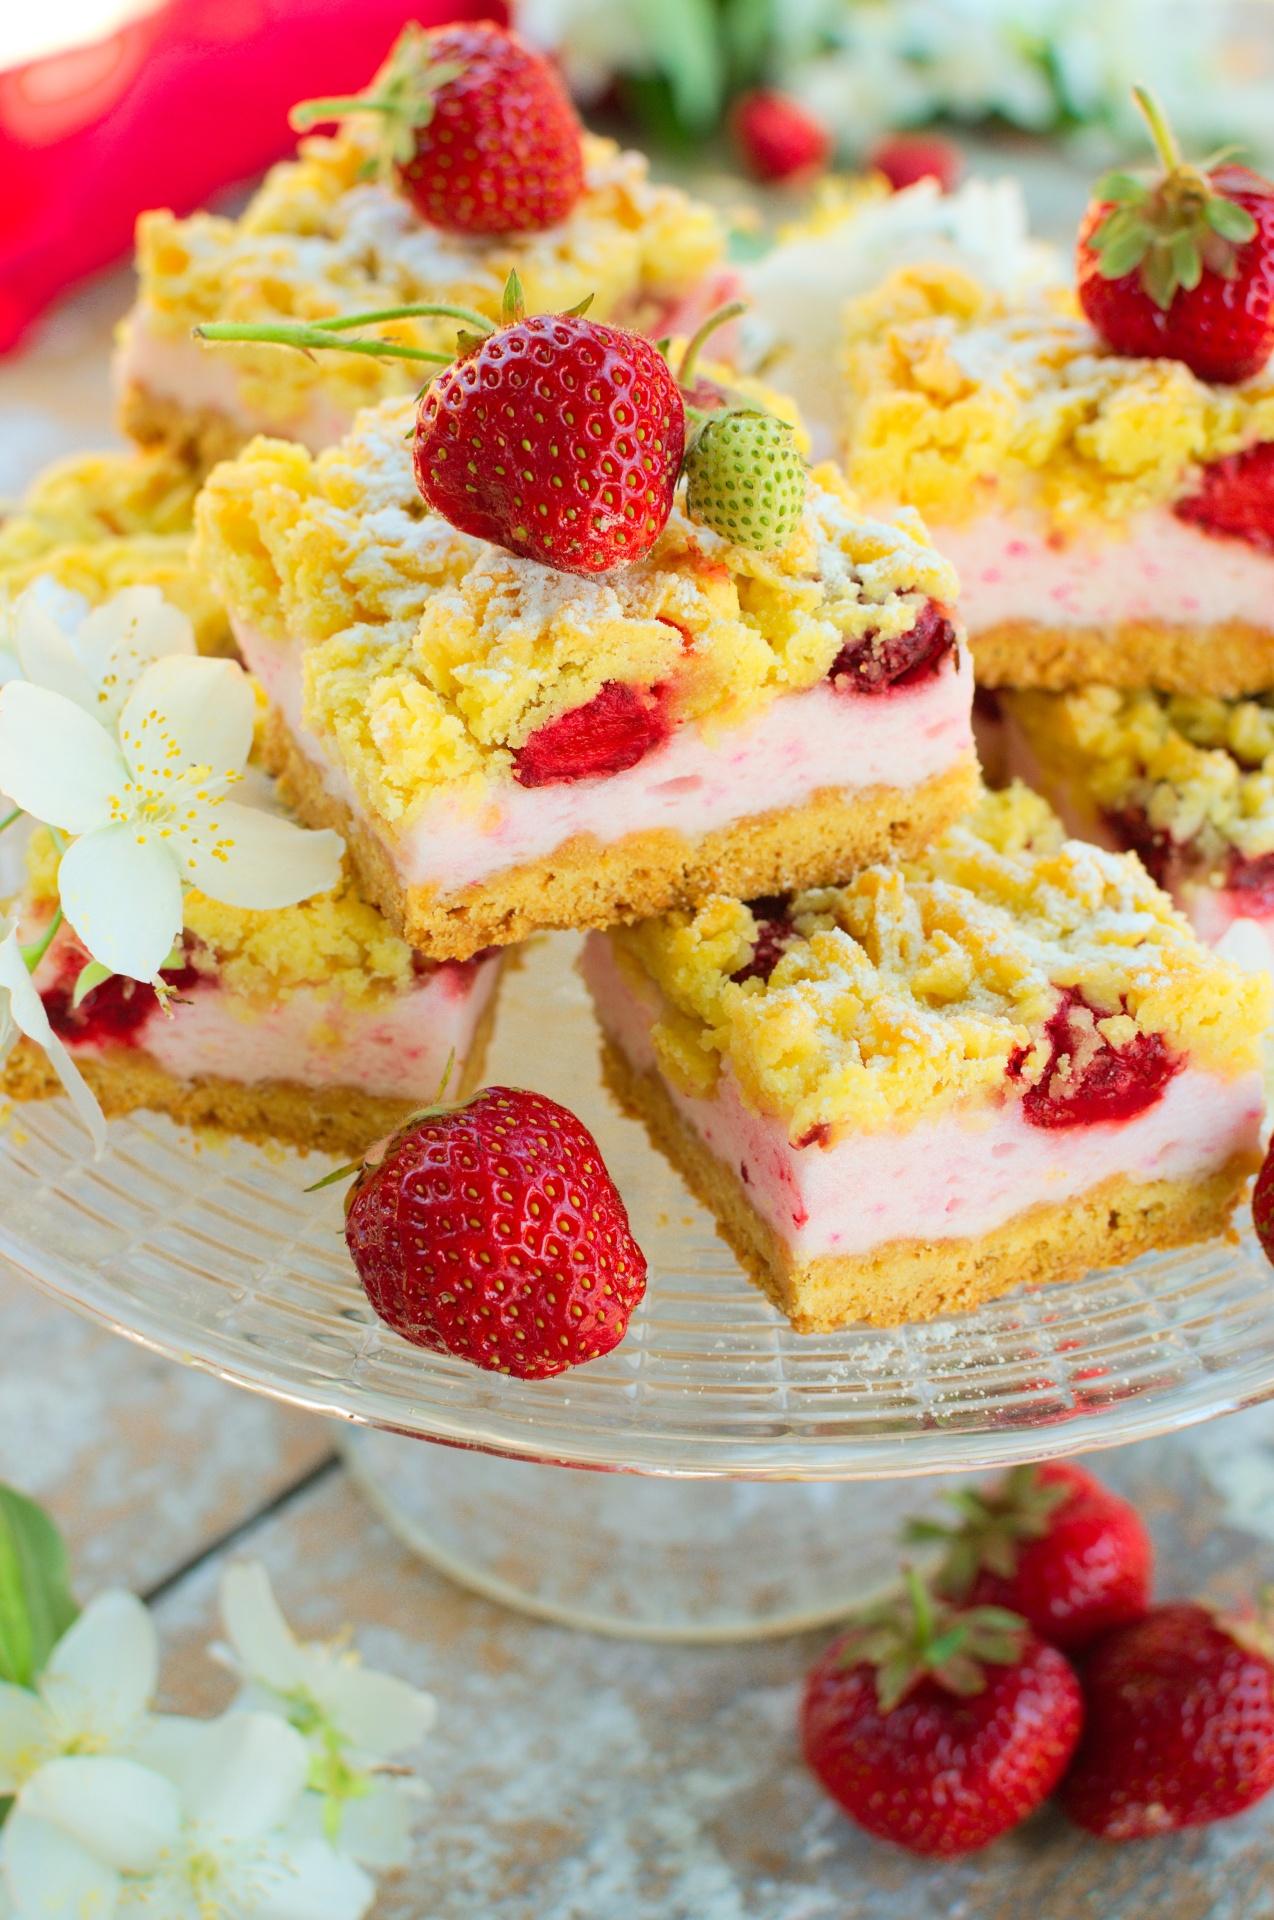 Kruche ciasto z truskawkami i różową budyniową pianką